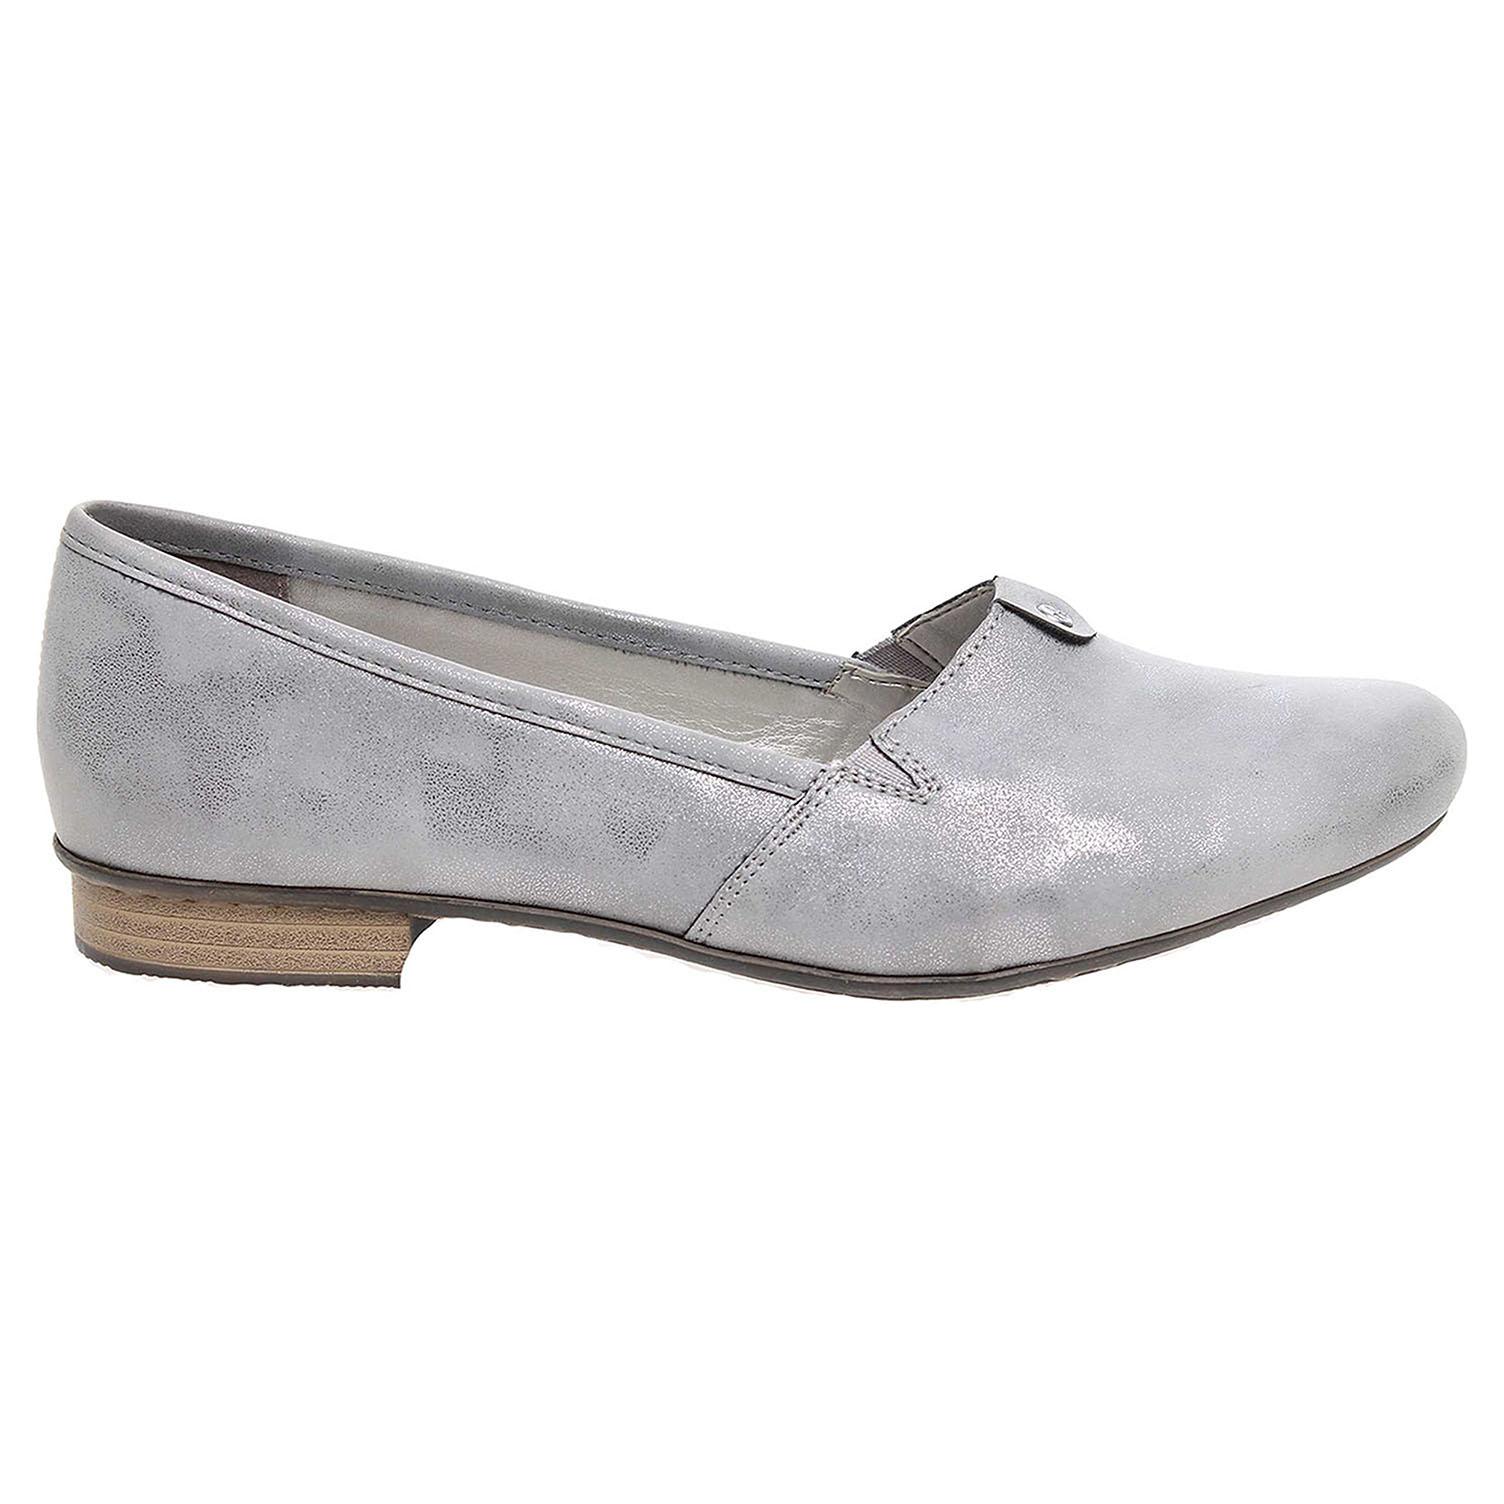 Ecco Rieker dámské baleriny 51961-42 šedé 23300838